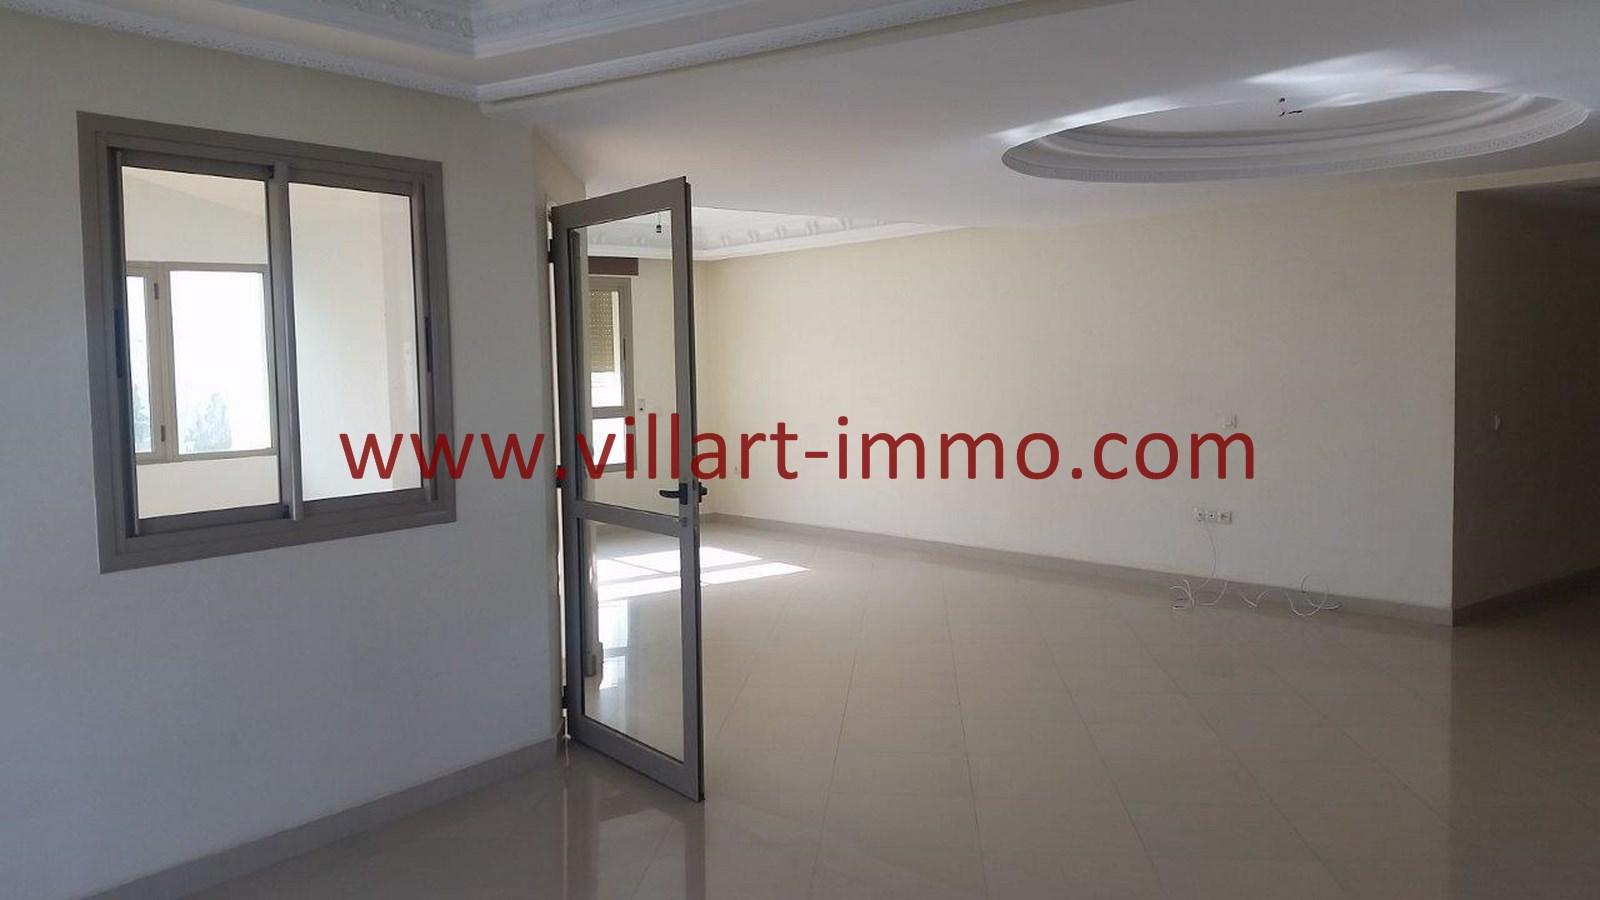 4-a-louer-appartement-tanger-iberia-salon-2-l907-villart-immo